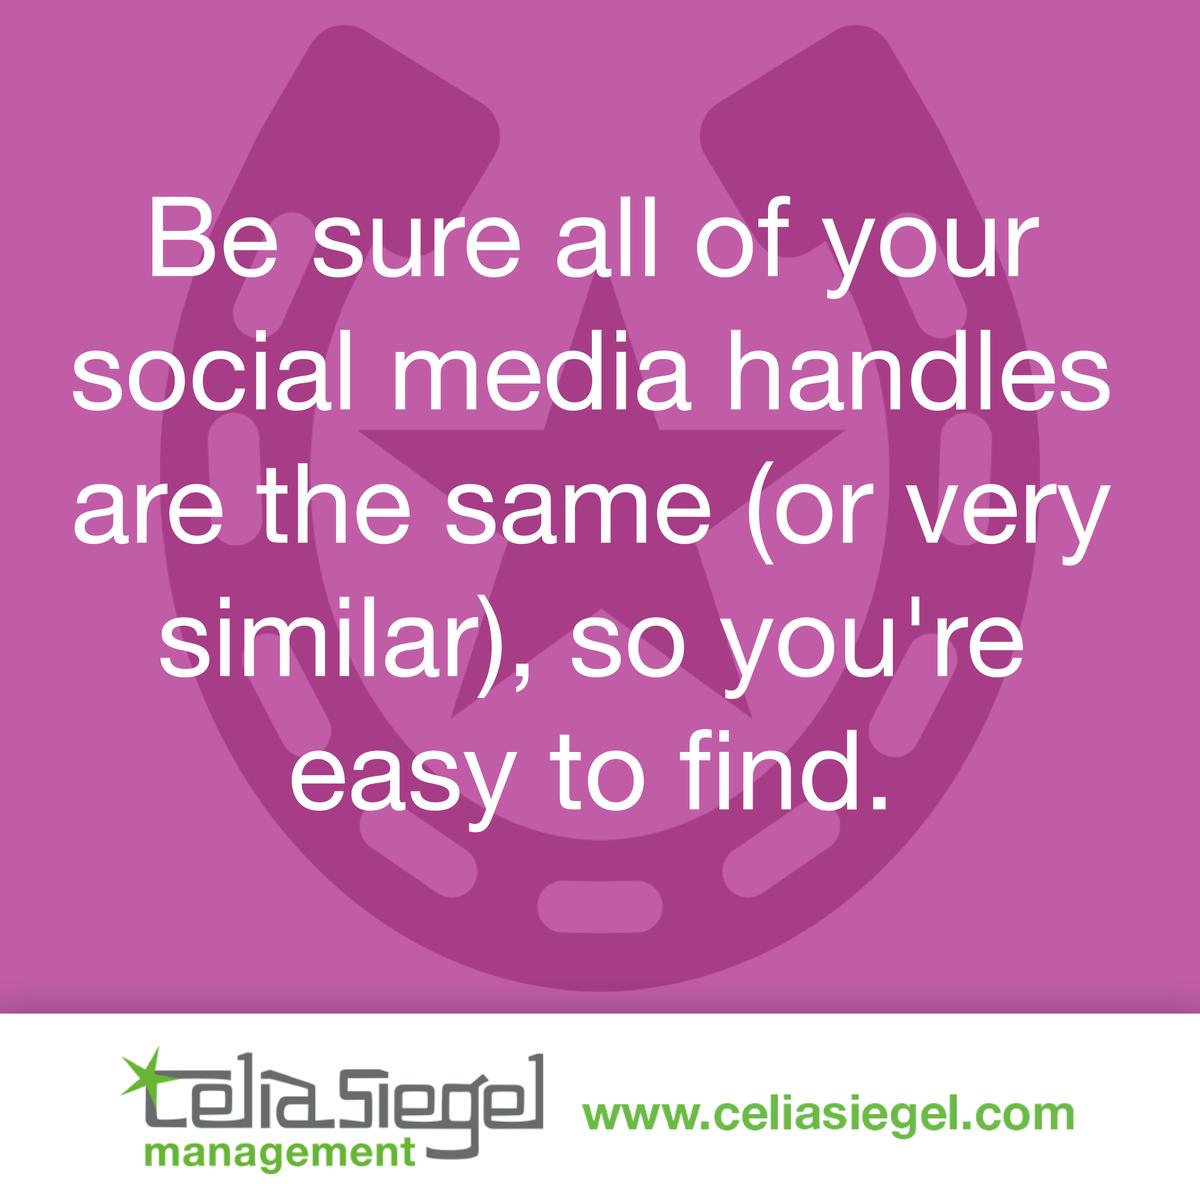 Tip time! #CSMtip #socialmediabranding <br>http://pic.twitter.com/IIJH7kenSd